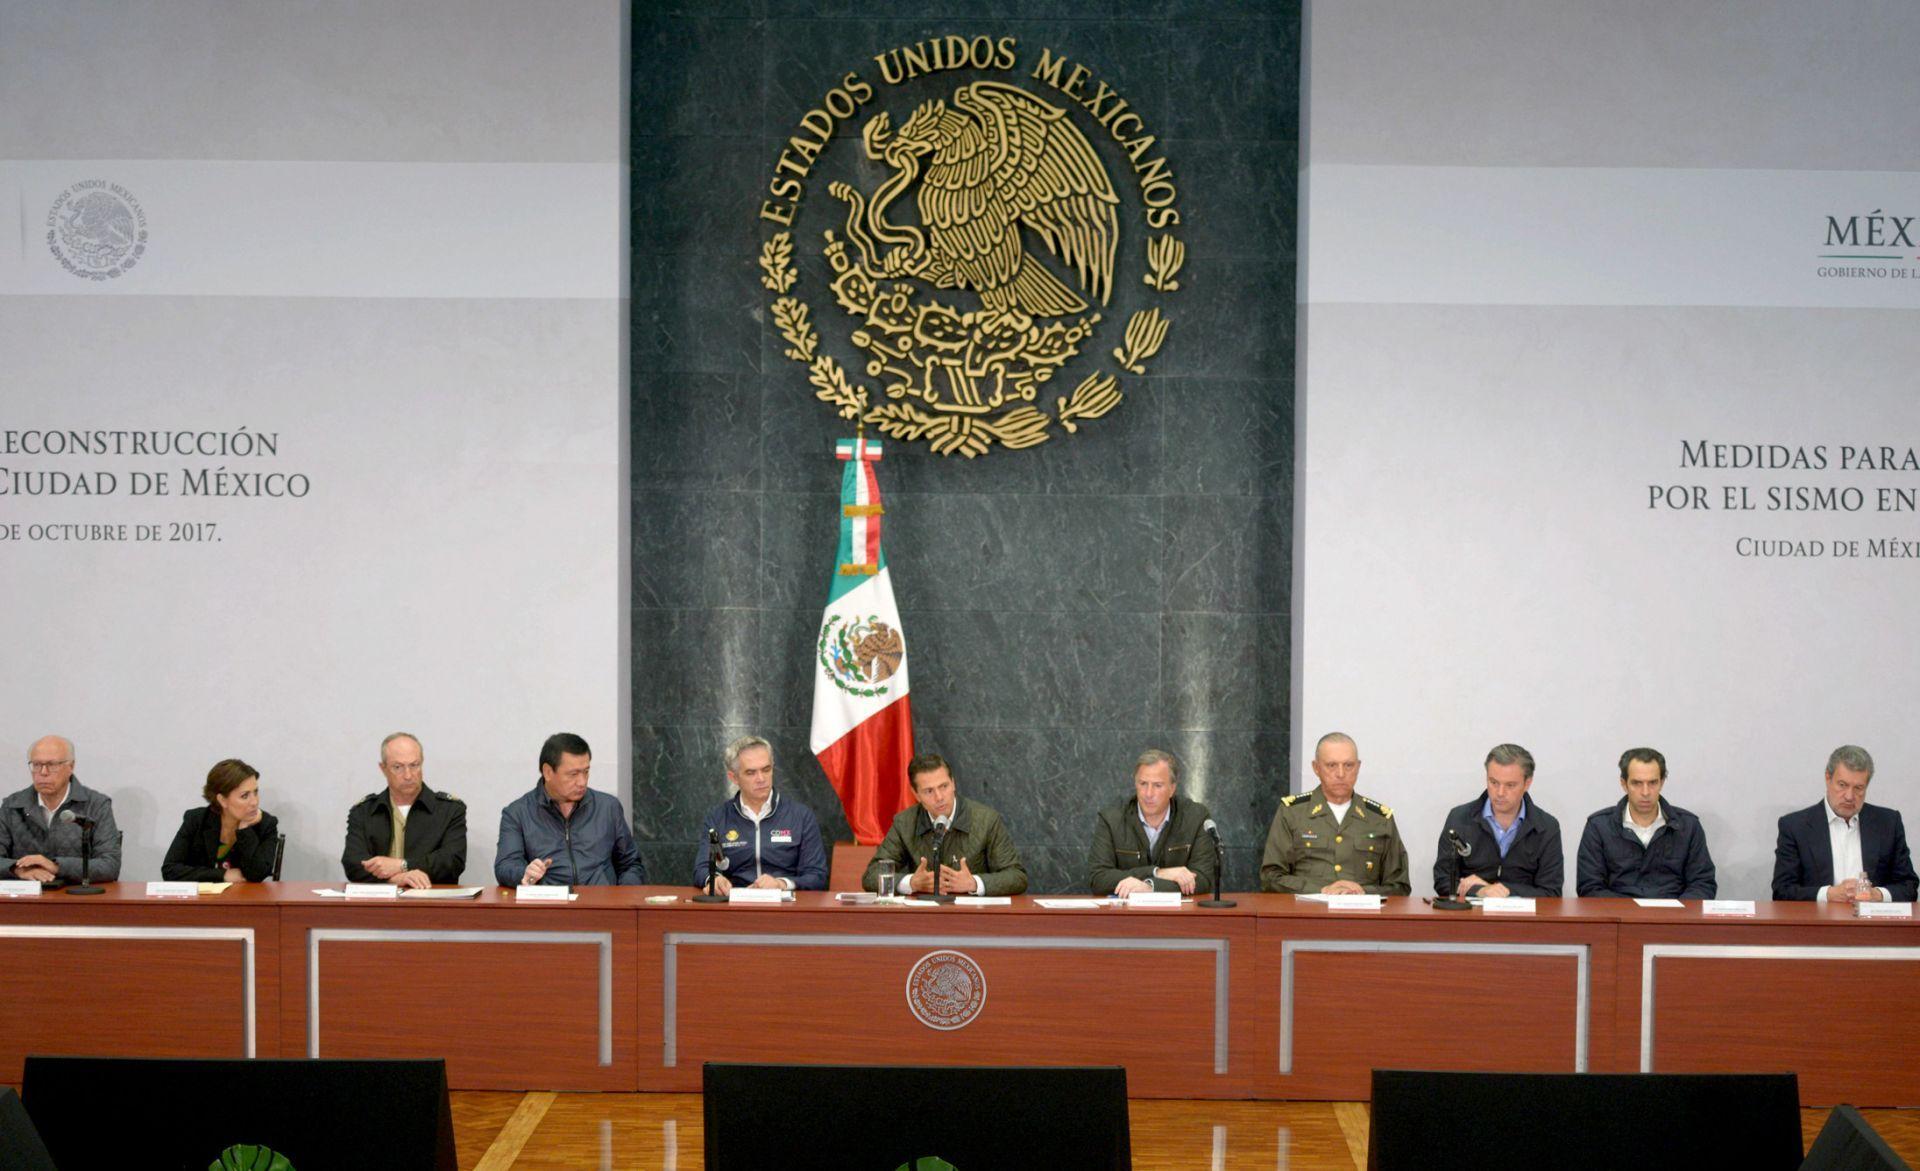 Ciudad de México detiene obras de rescate tras sismo y prepara reconstrucción